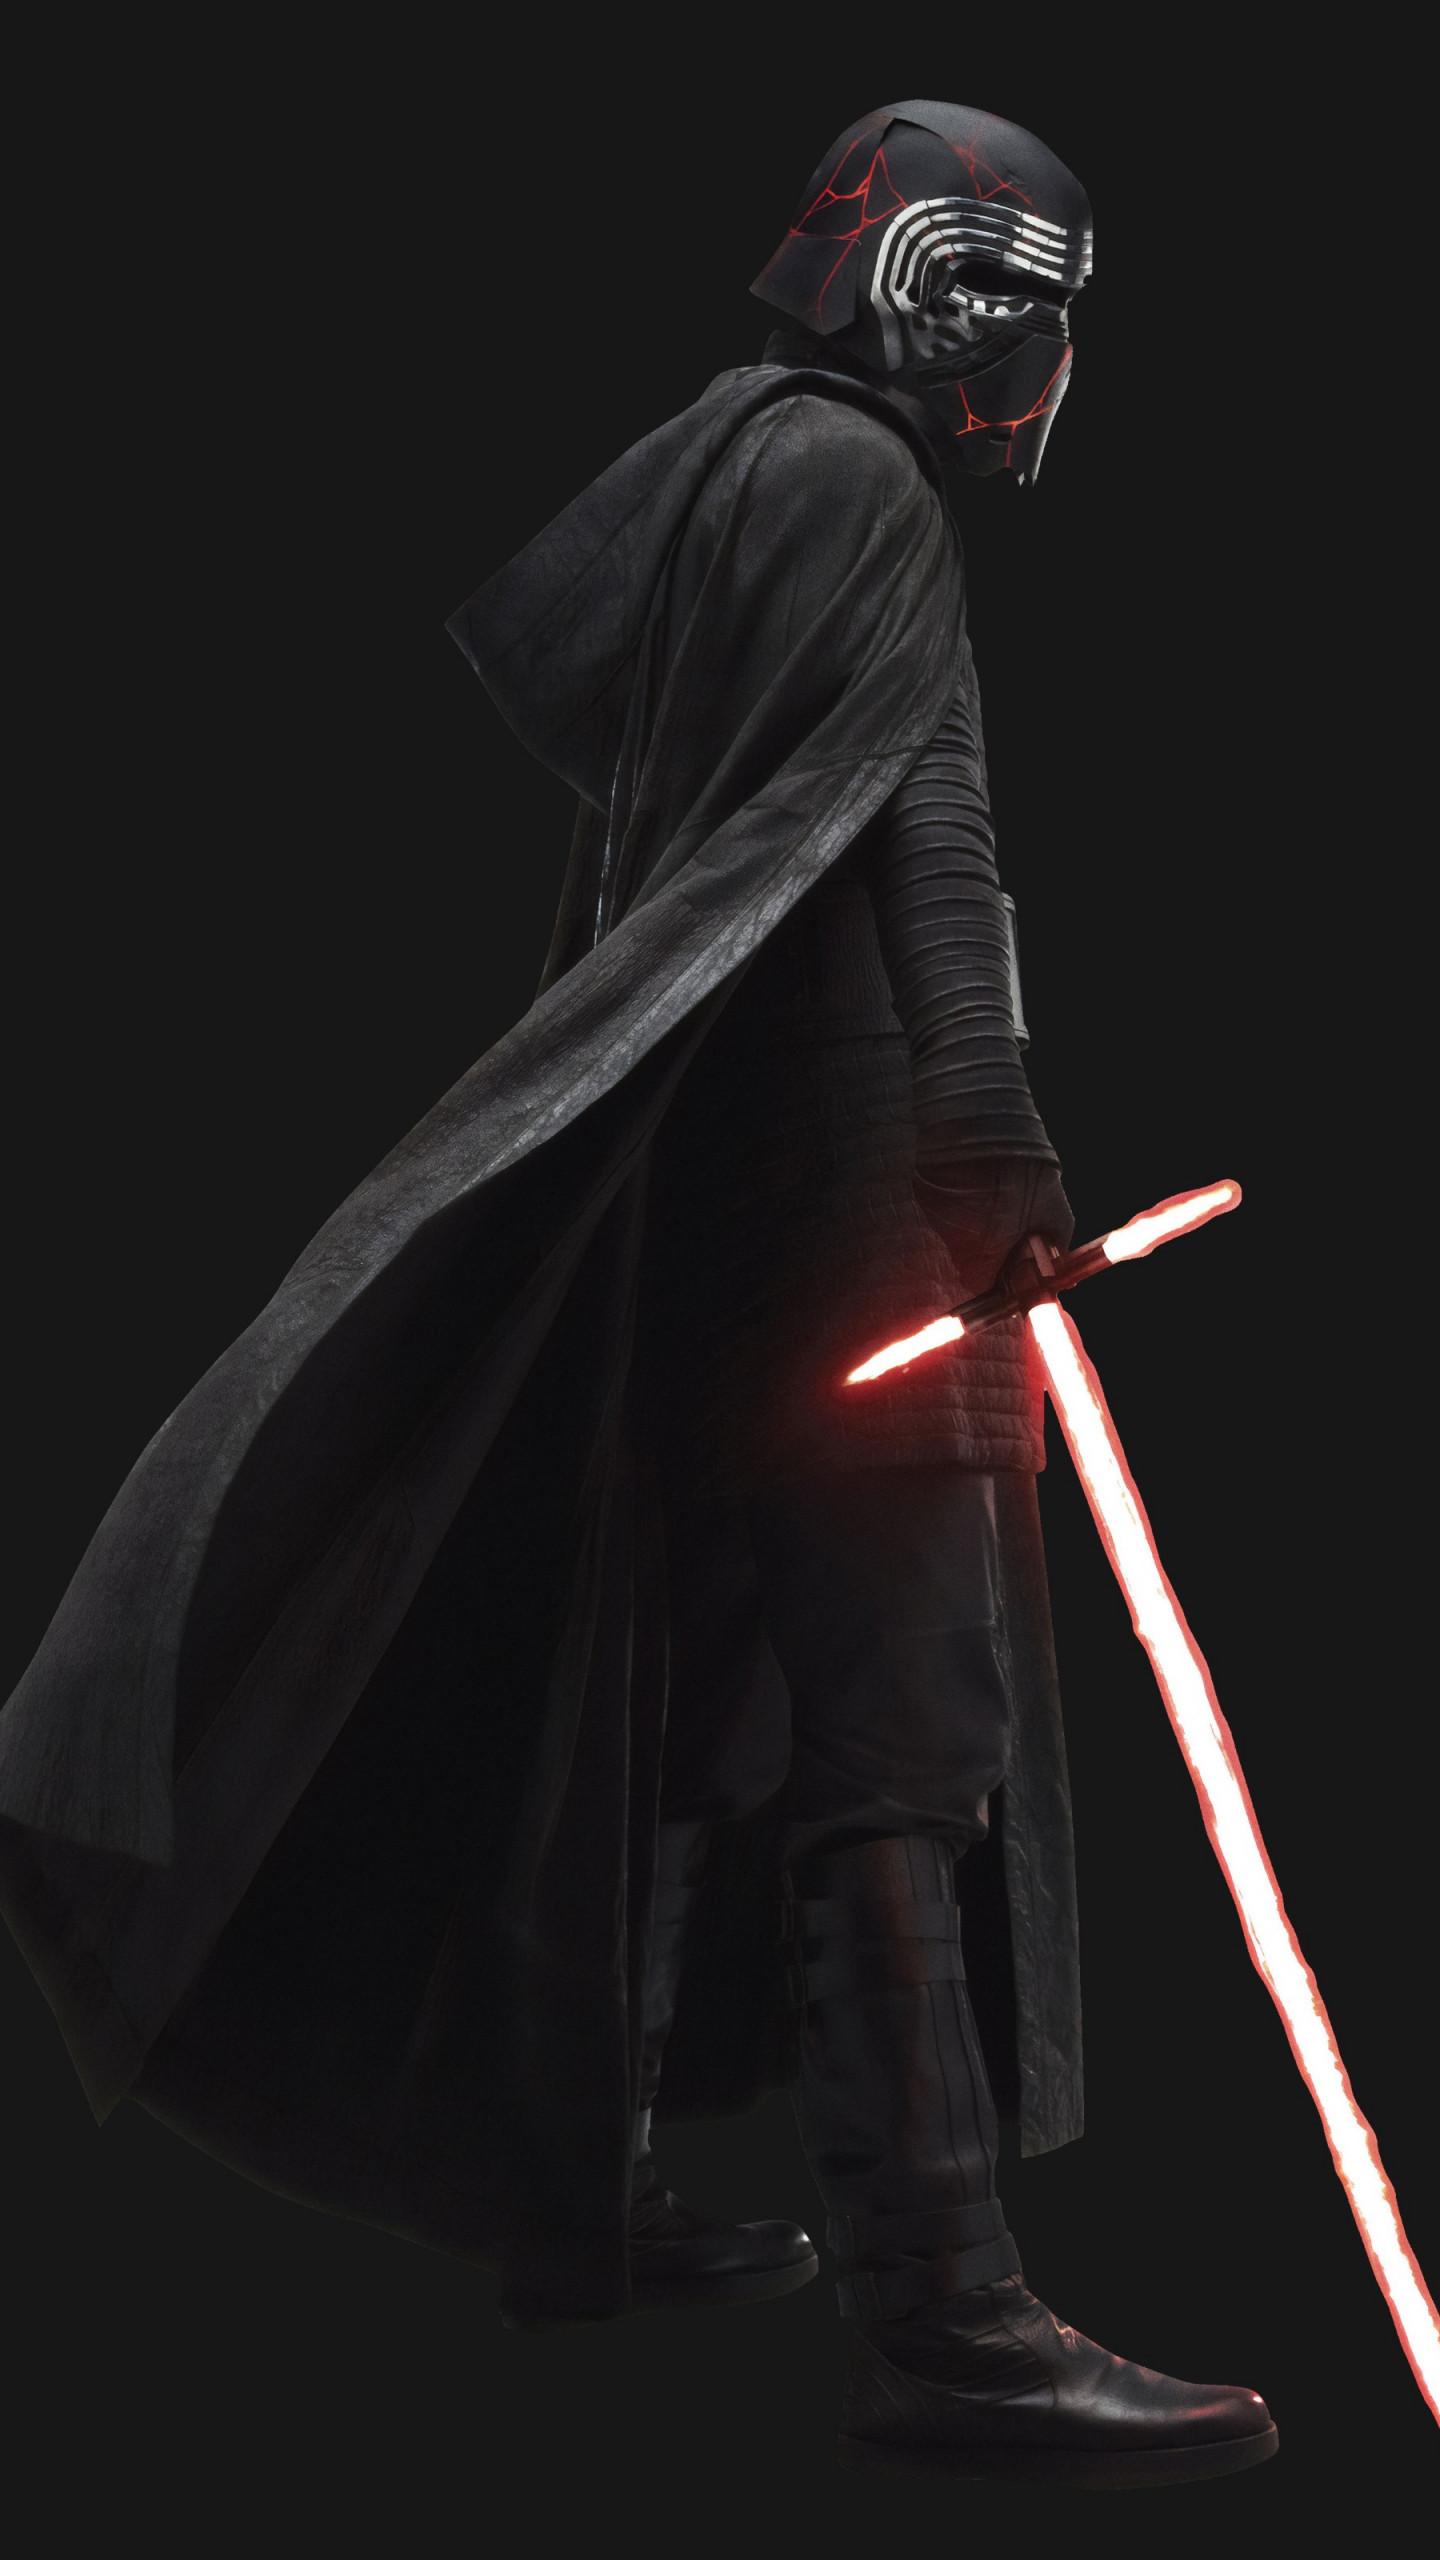 Star Wars Rise Of Skywalker Kylo Ren Lightsaber 768x1280 Download Hd Wallpaper Wallpapertip